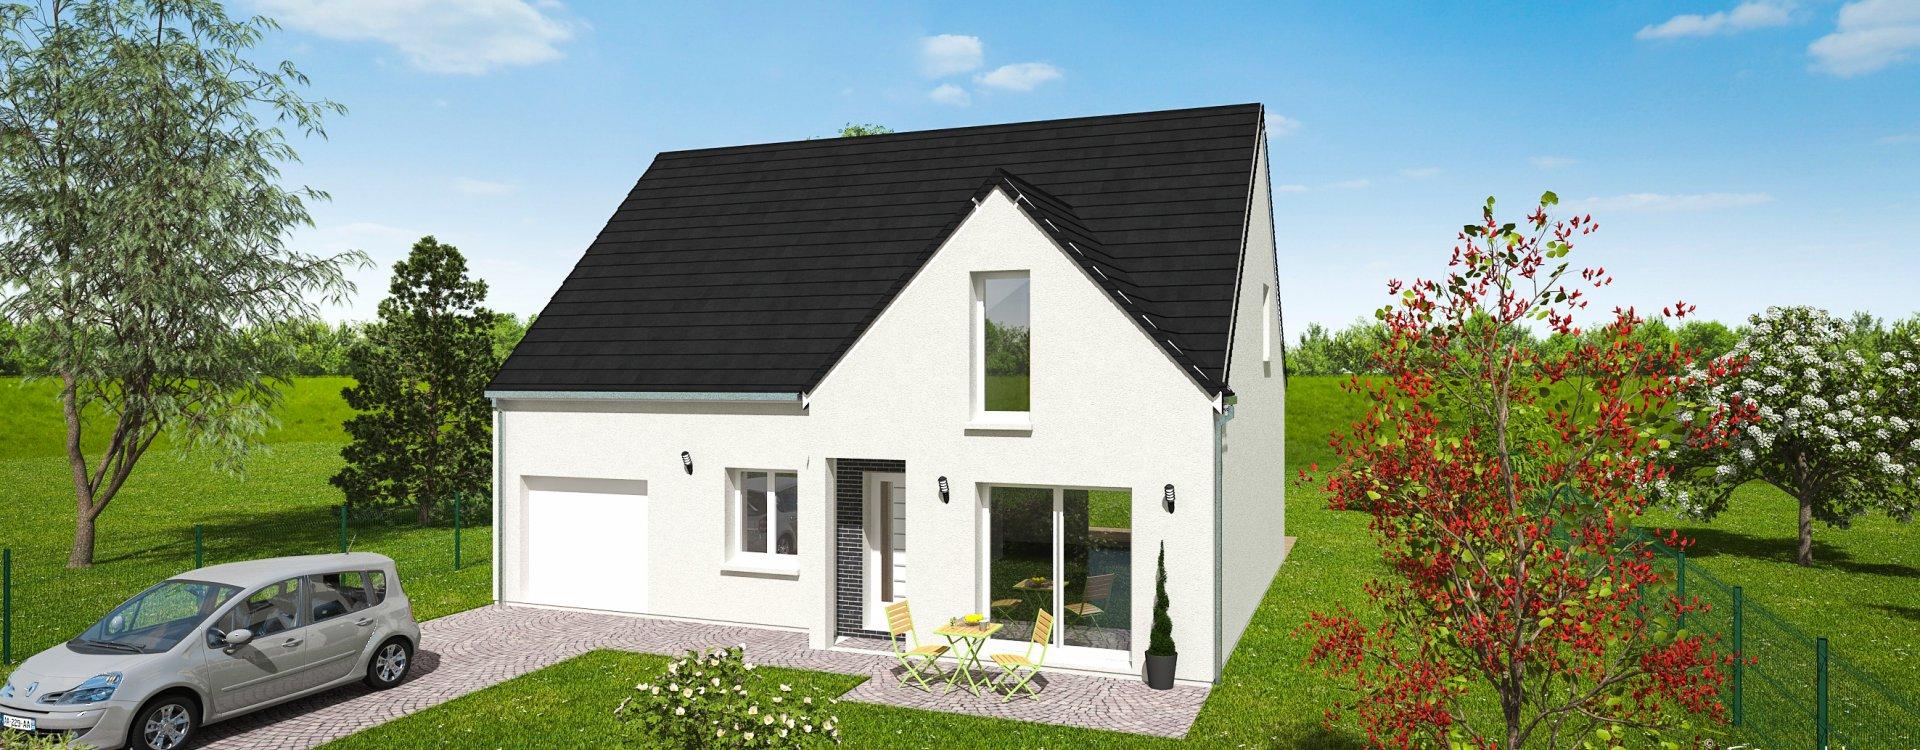 Maisons + Terrains du constructeur EASY HOUSE FRANCE • 125 m² • BRAY EN VAL